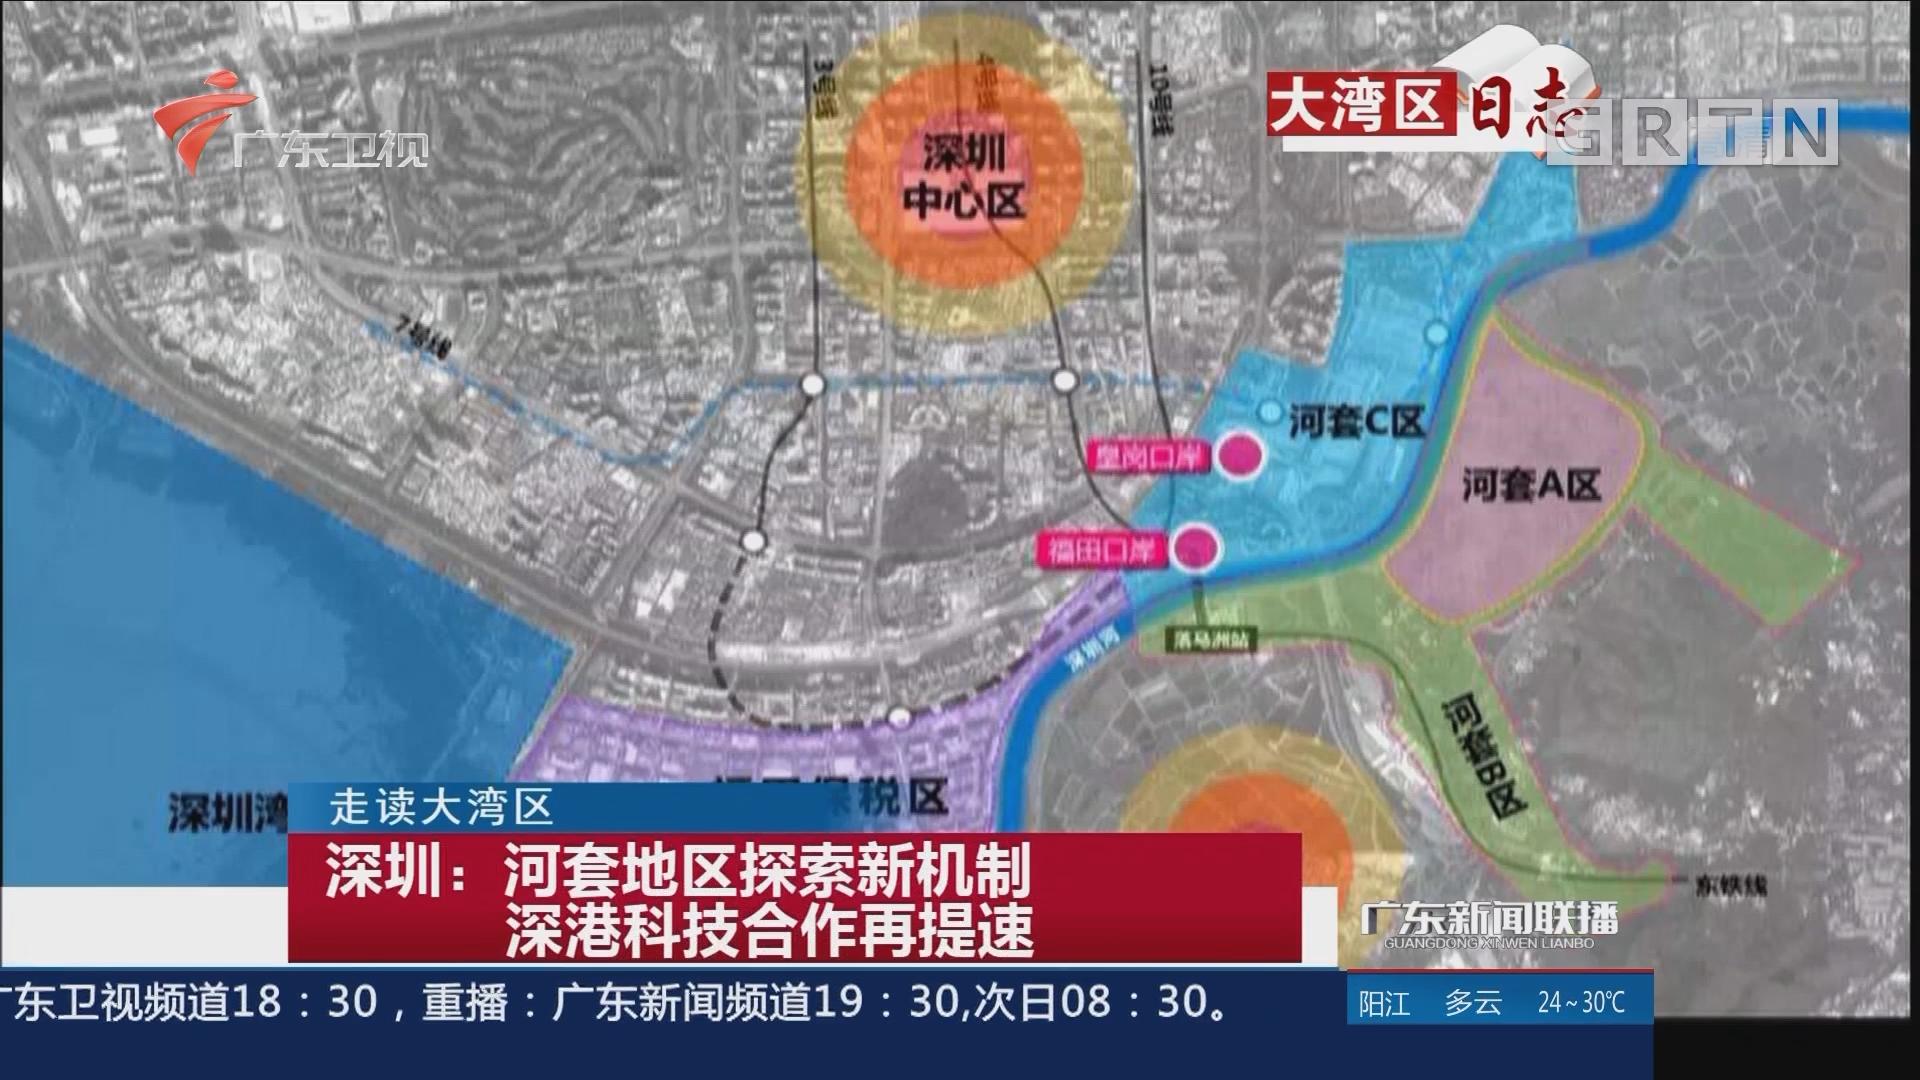 深圳:河套地区探索新机制 深港科技合作再提速